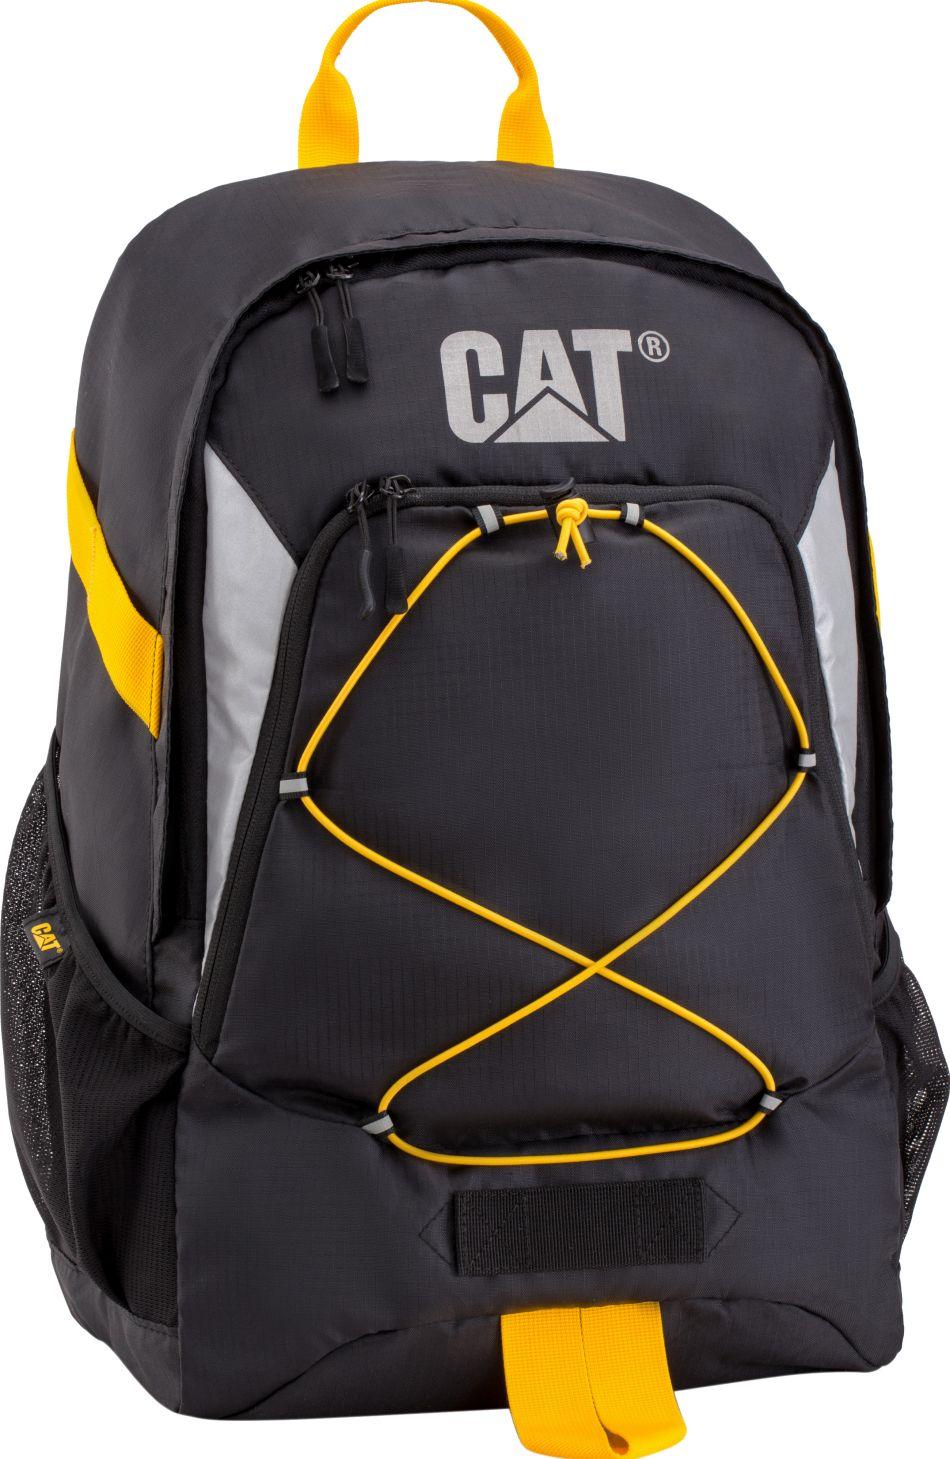 Những điều bạn không biết về balo đẹp giá rẻ Cat Activo